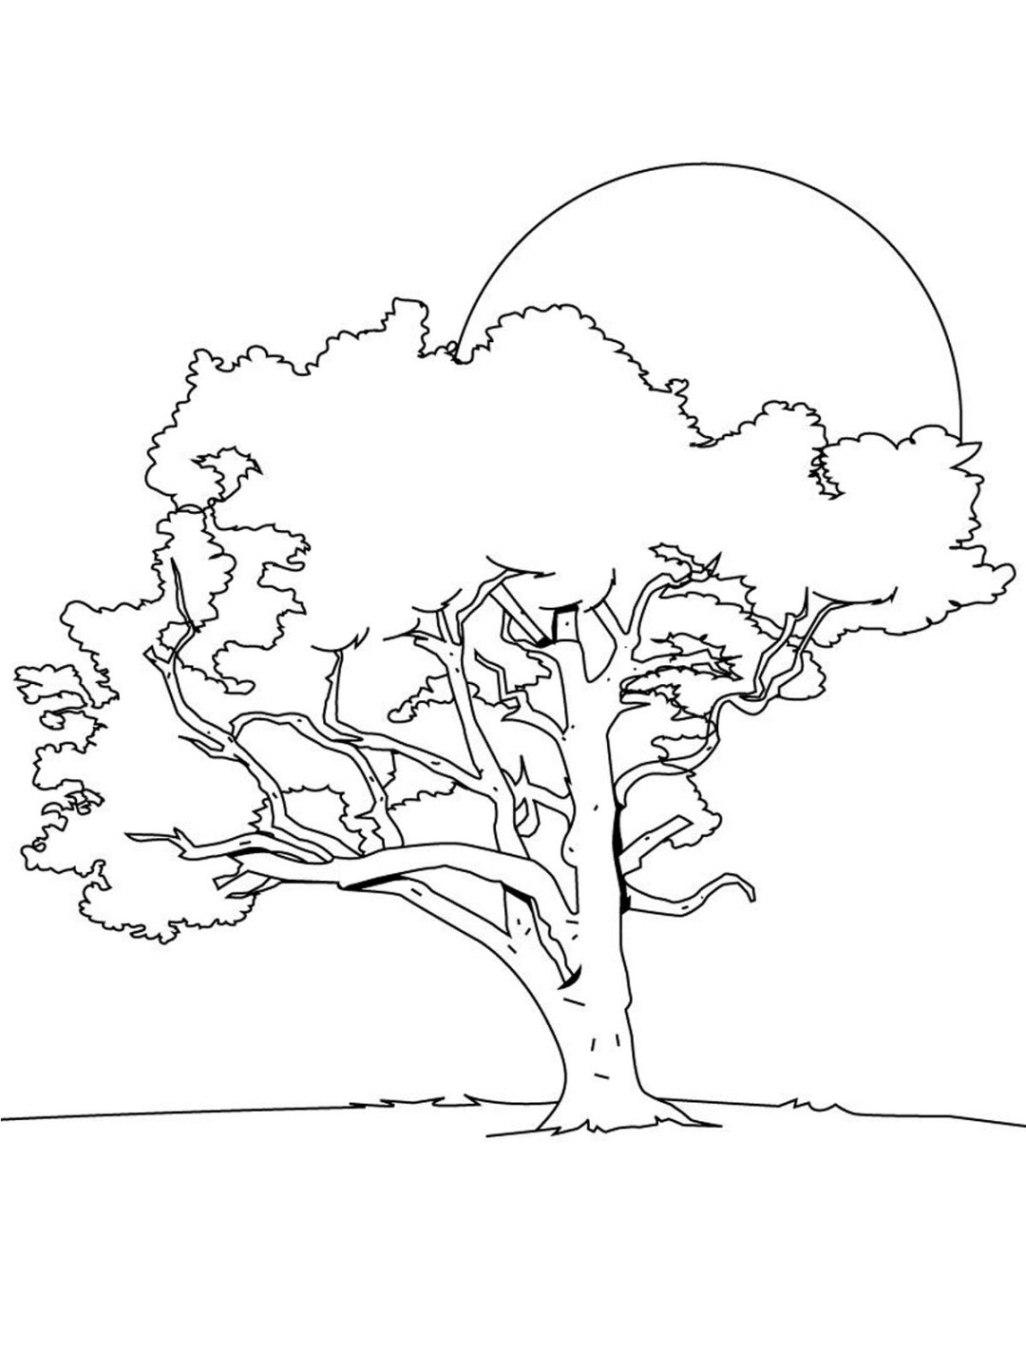 Malvorlagen zum Drucken Ausmalbild Baum kostenlos 3